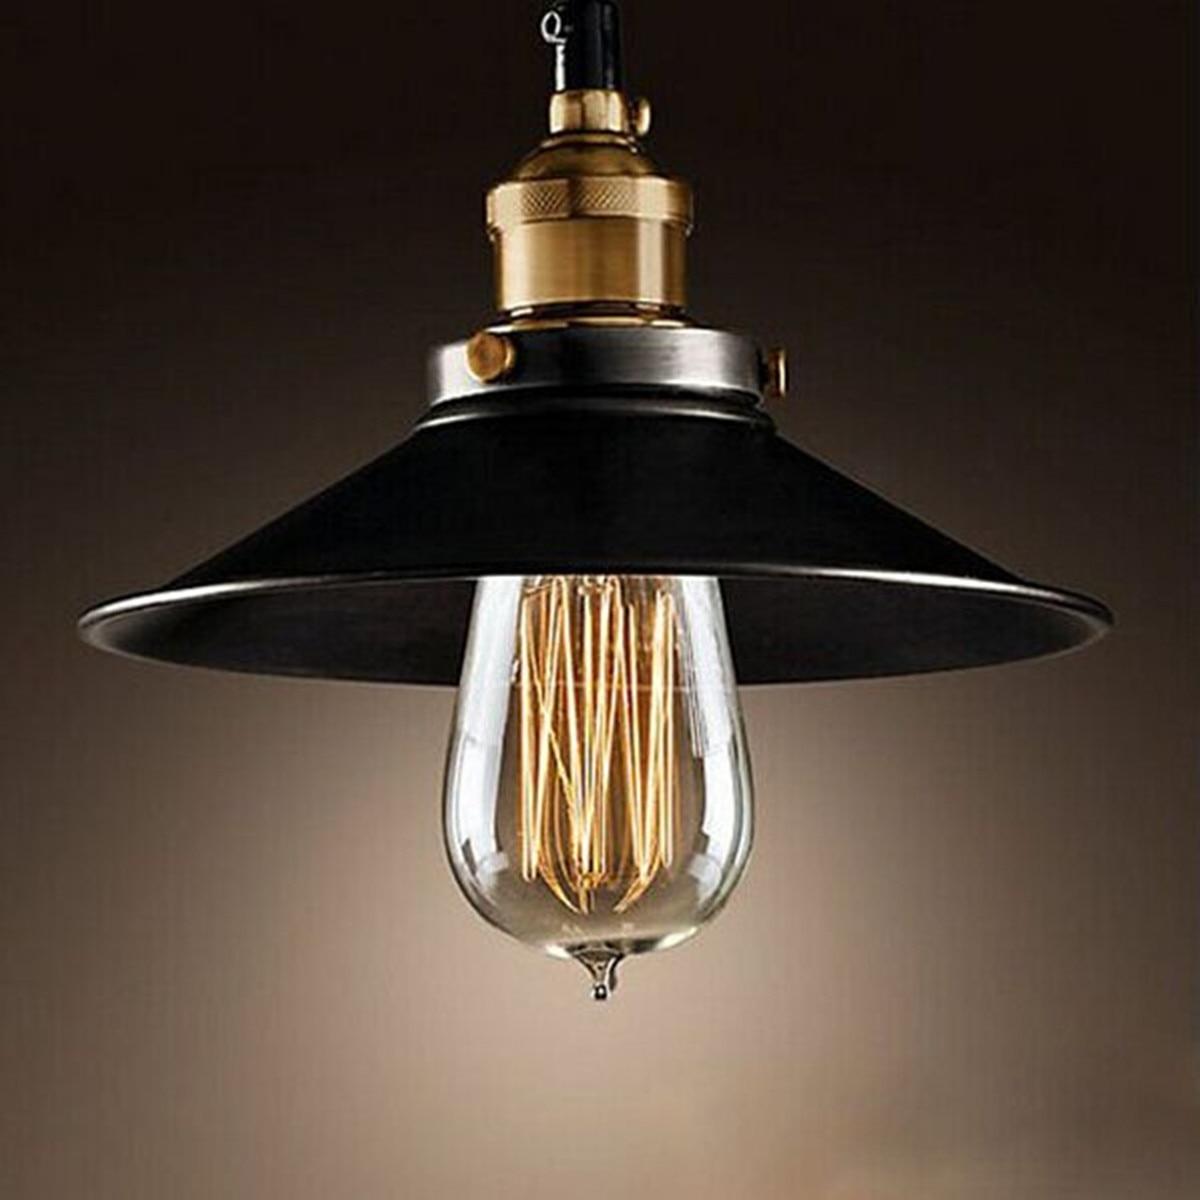 American Countryside Vintage Industrial Retro Ceiling Light Lamp Lights american countryside industrial vintage